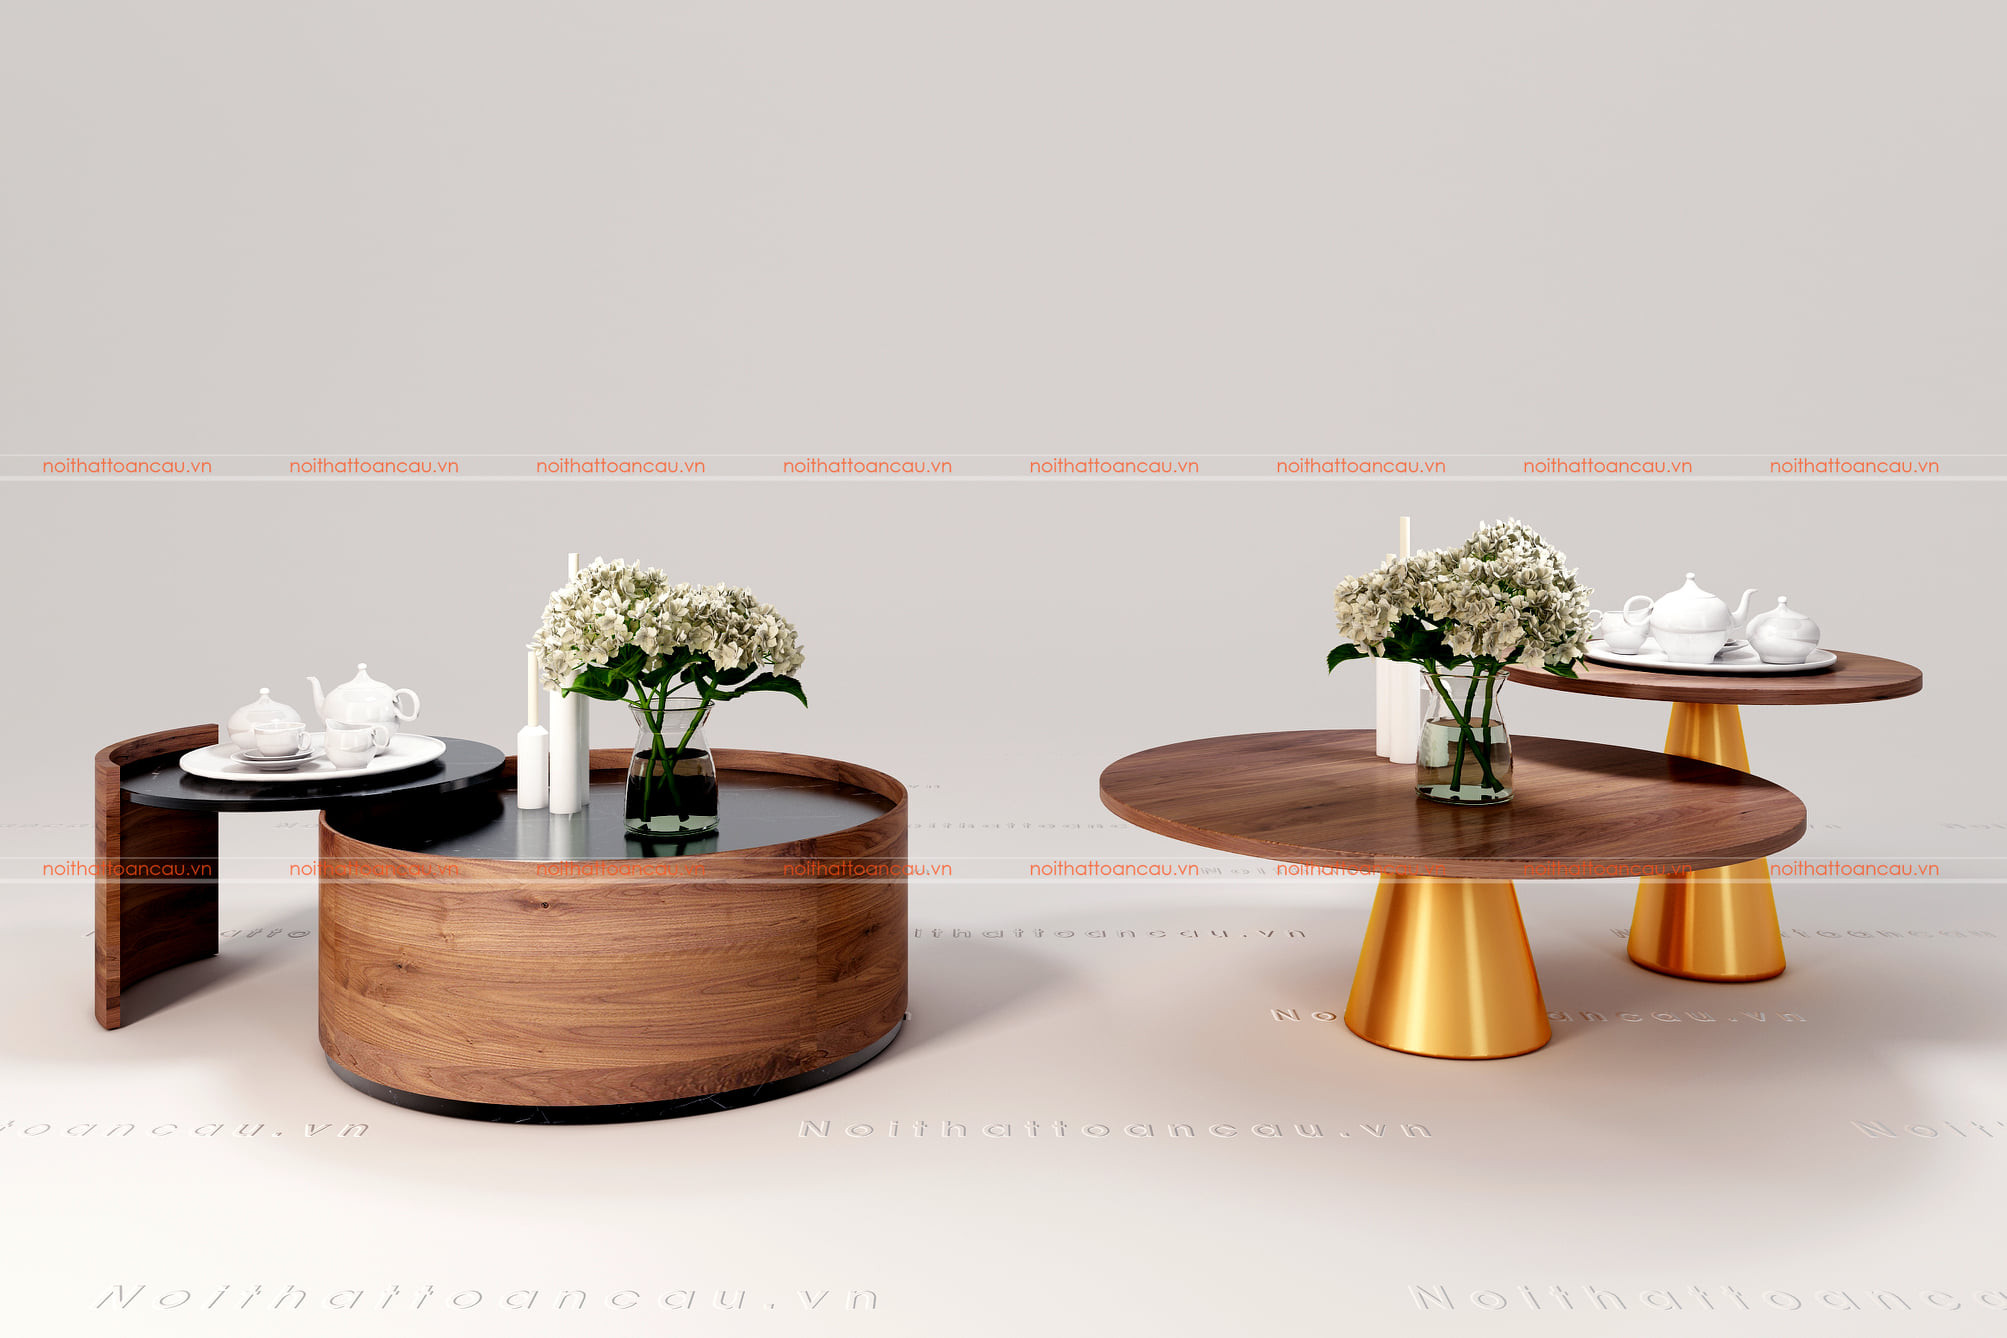 Bộ bàn trà gỗ óc chó kết hợp